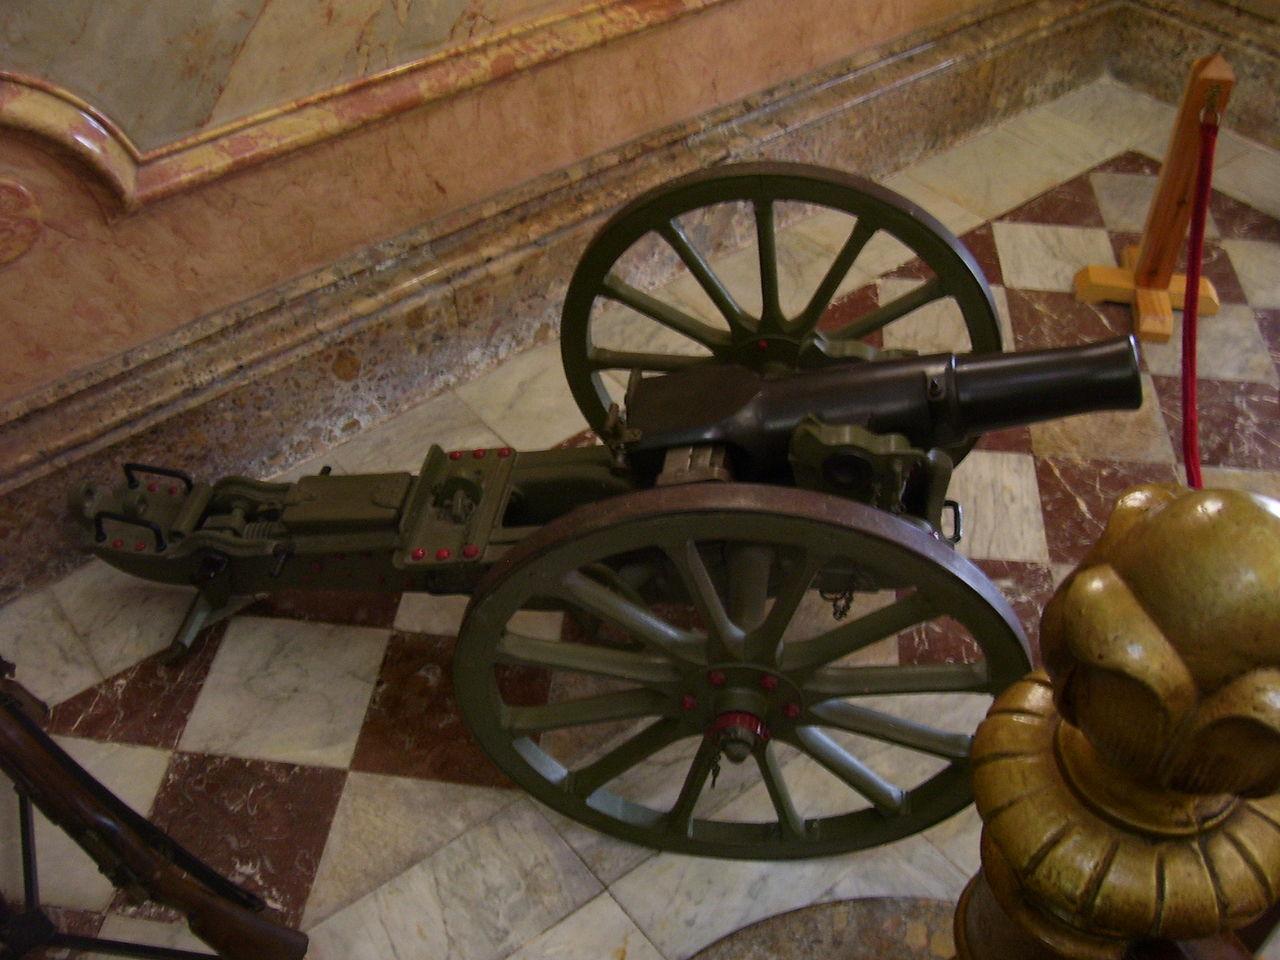 """Exposición """"EL MUNDO DE LAS ARMAS"""", Burgos, 10-25 Mayo 2013. 20130512_Burgos_003"""